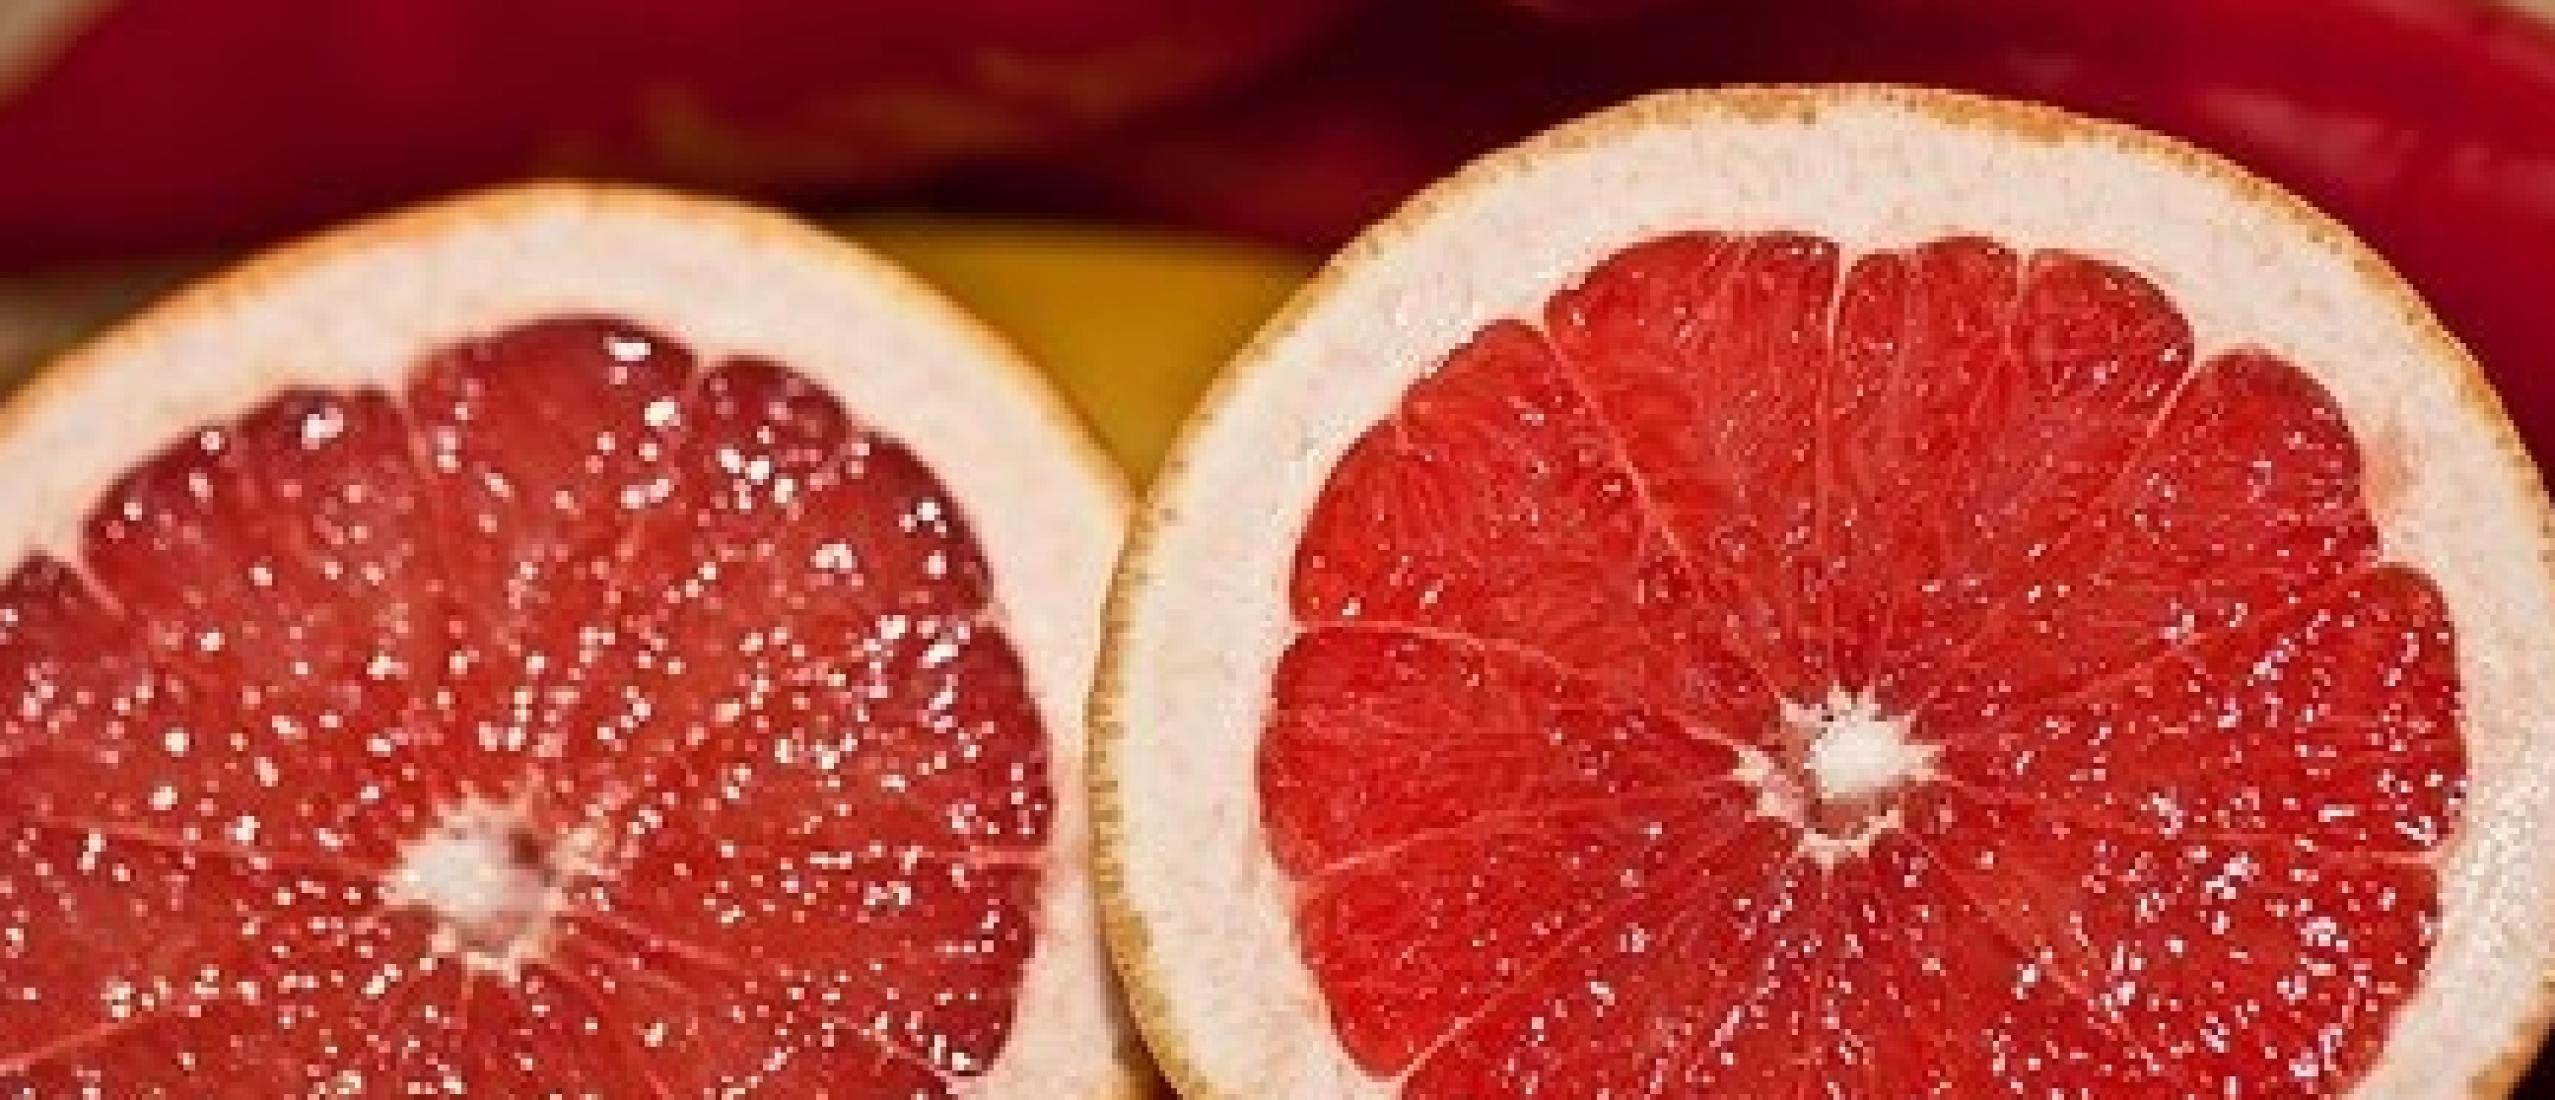 Grapefruit. Kun je echt mee afvallen en wat zijn de gezondheidsvoordelen?